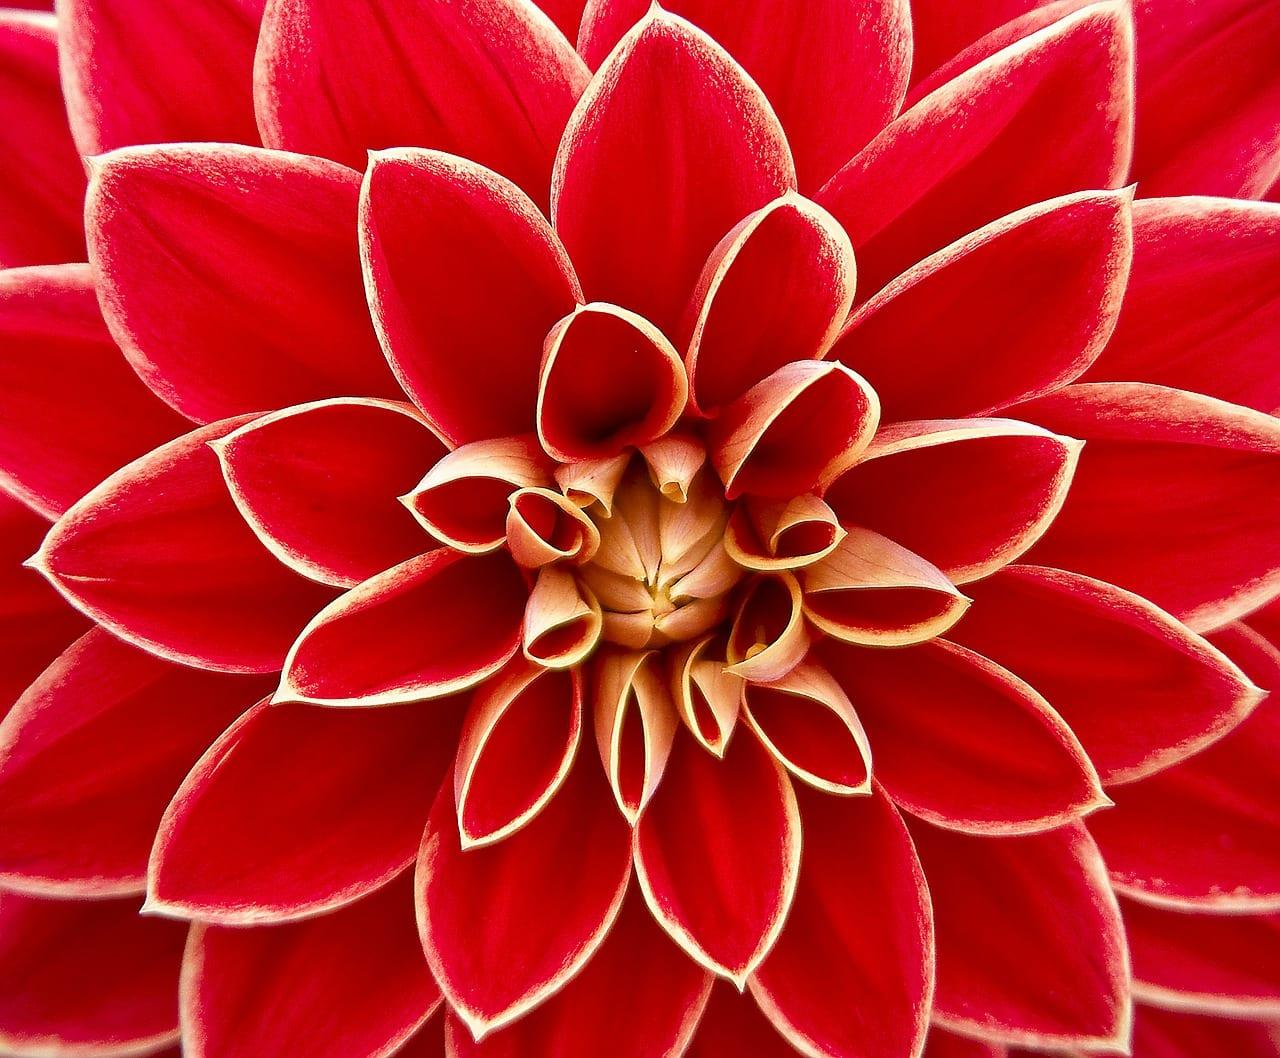 Dahlia, la flor del verano